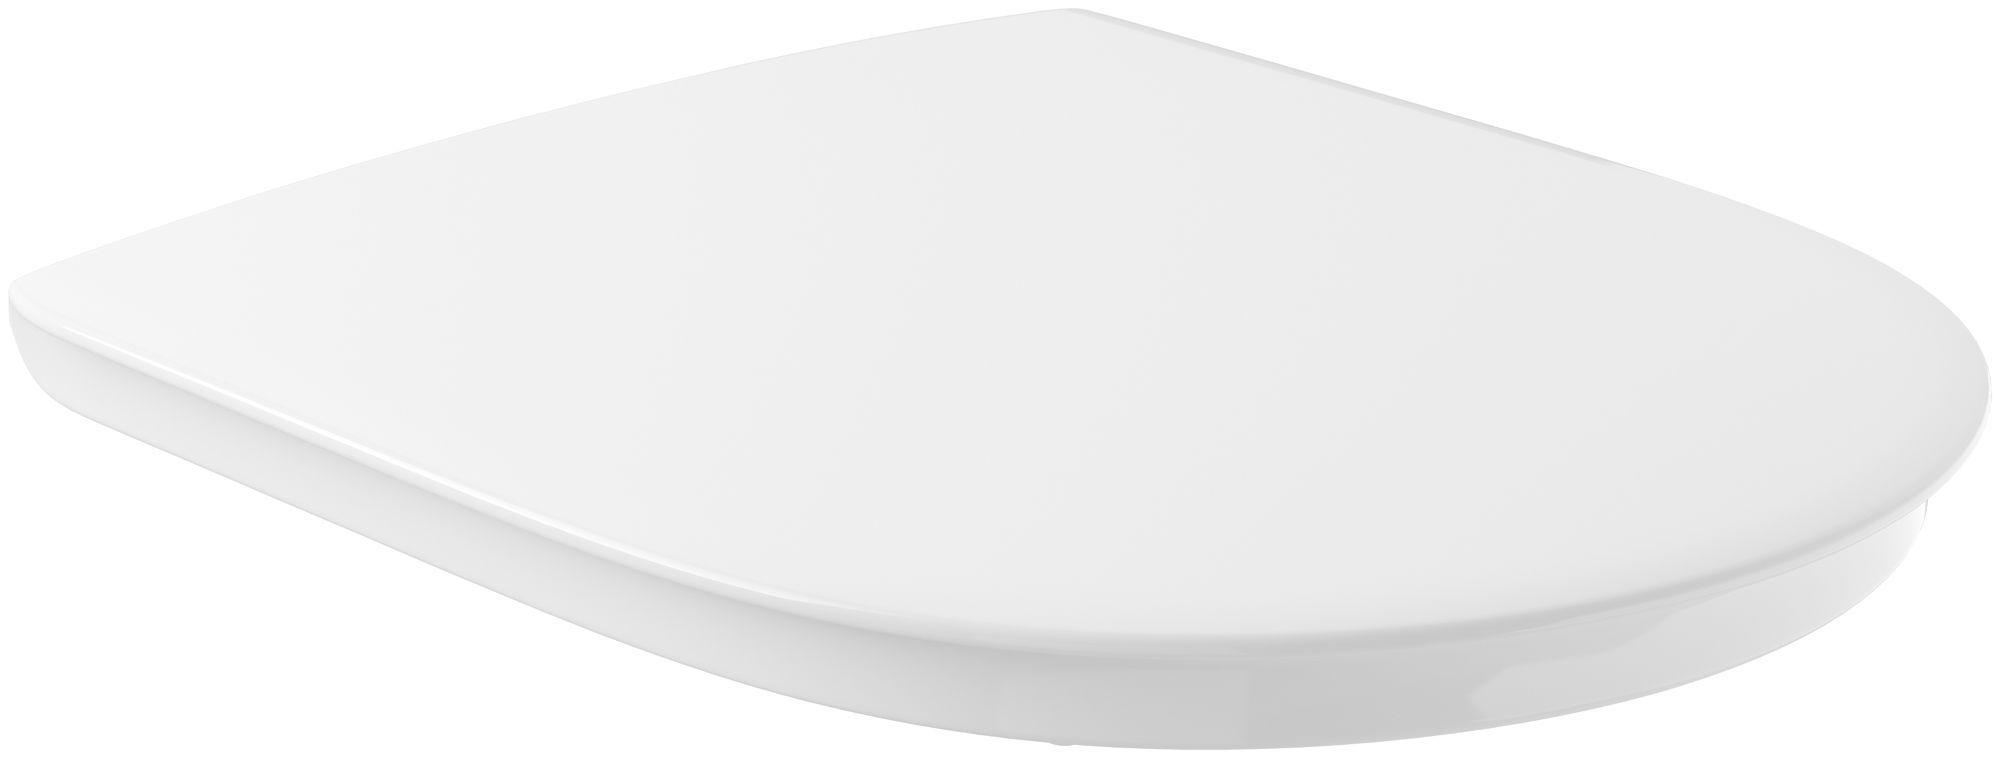 Villeroy & Boch O.Novo Vita WC-Sitz mit Absenkautomatik weiß mit AntiBac 9M67S1T1